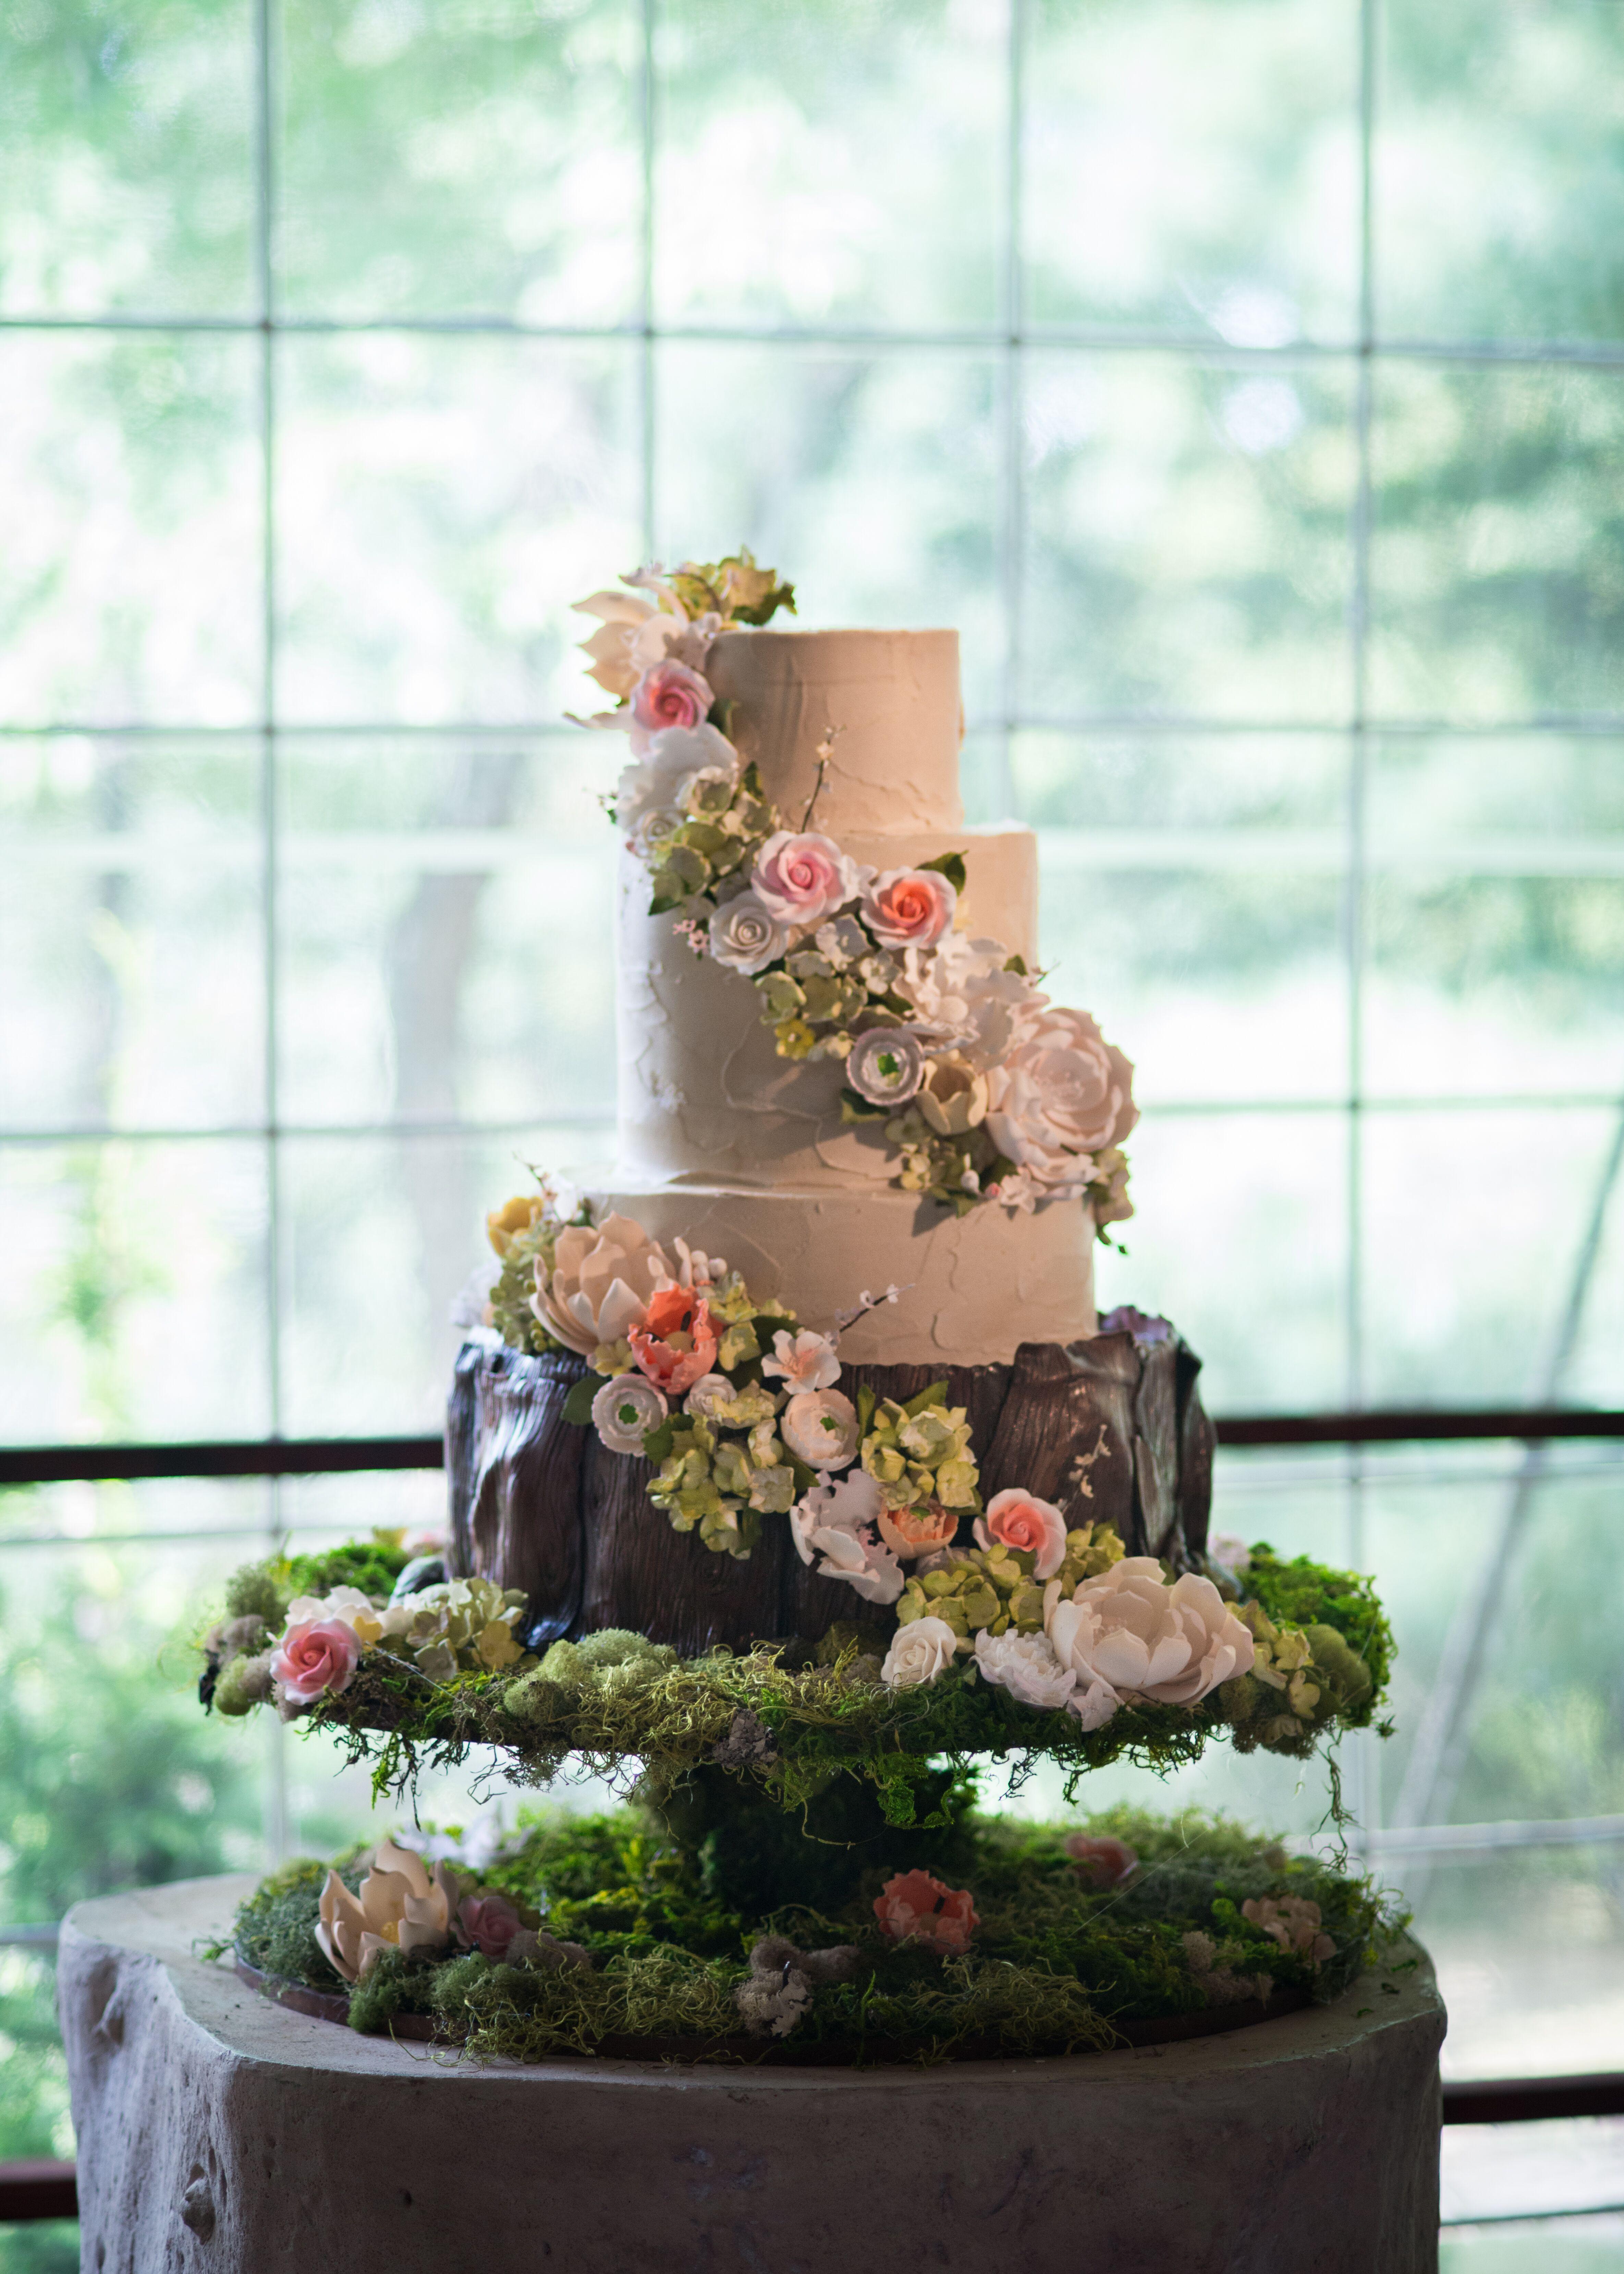 Whimsical Garden Inspired Wedding Cake